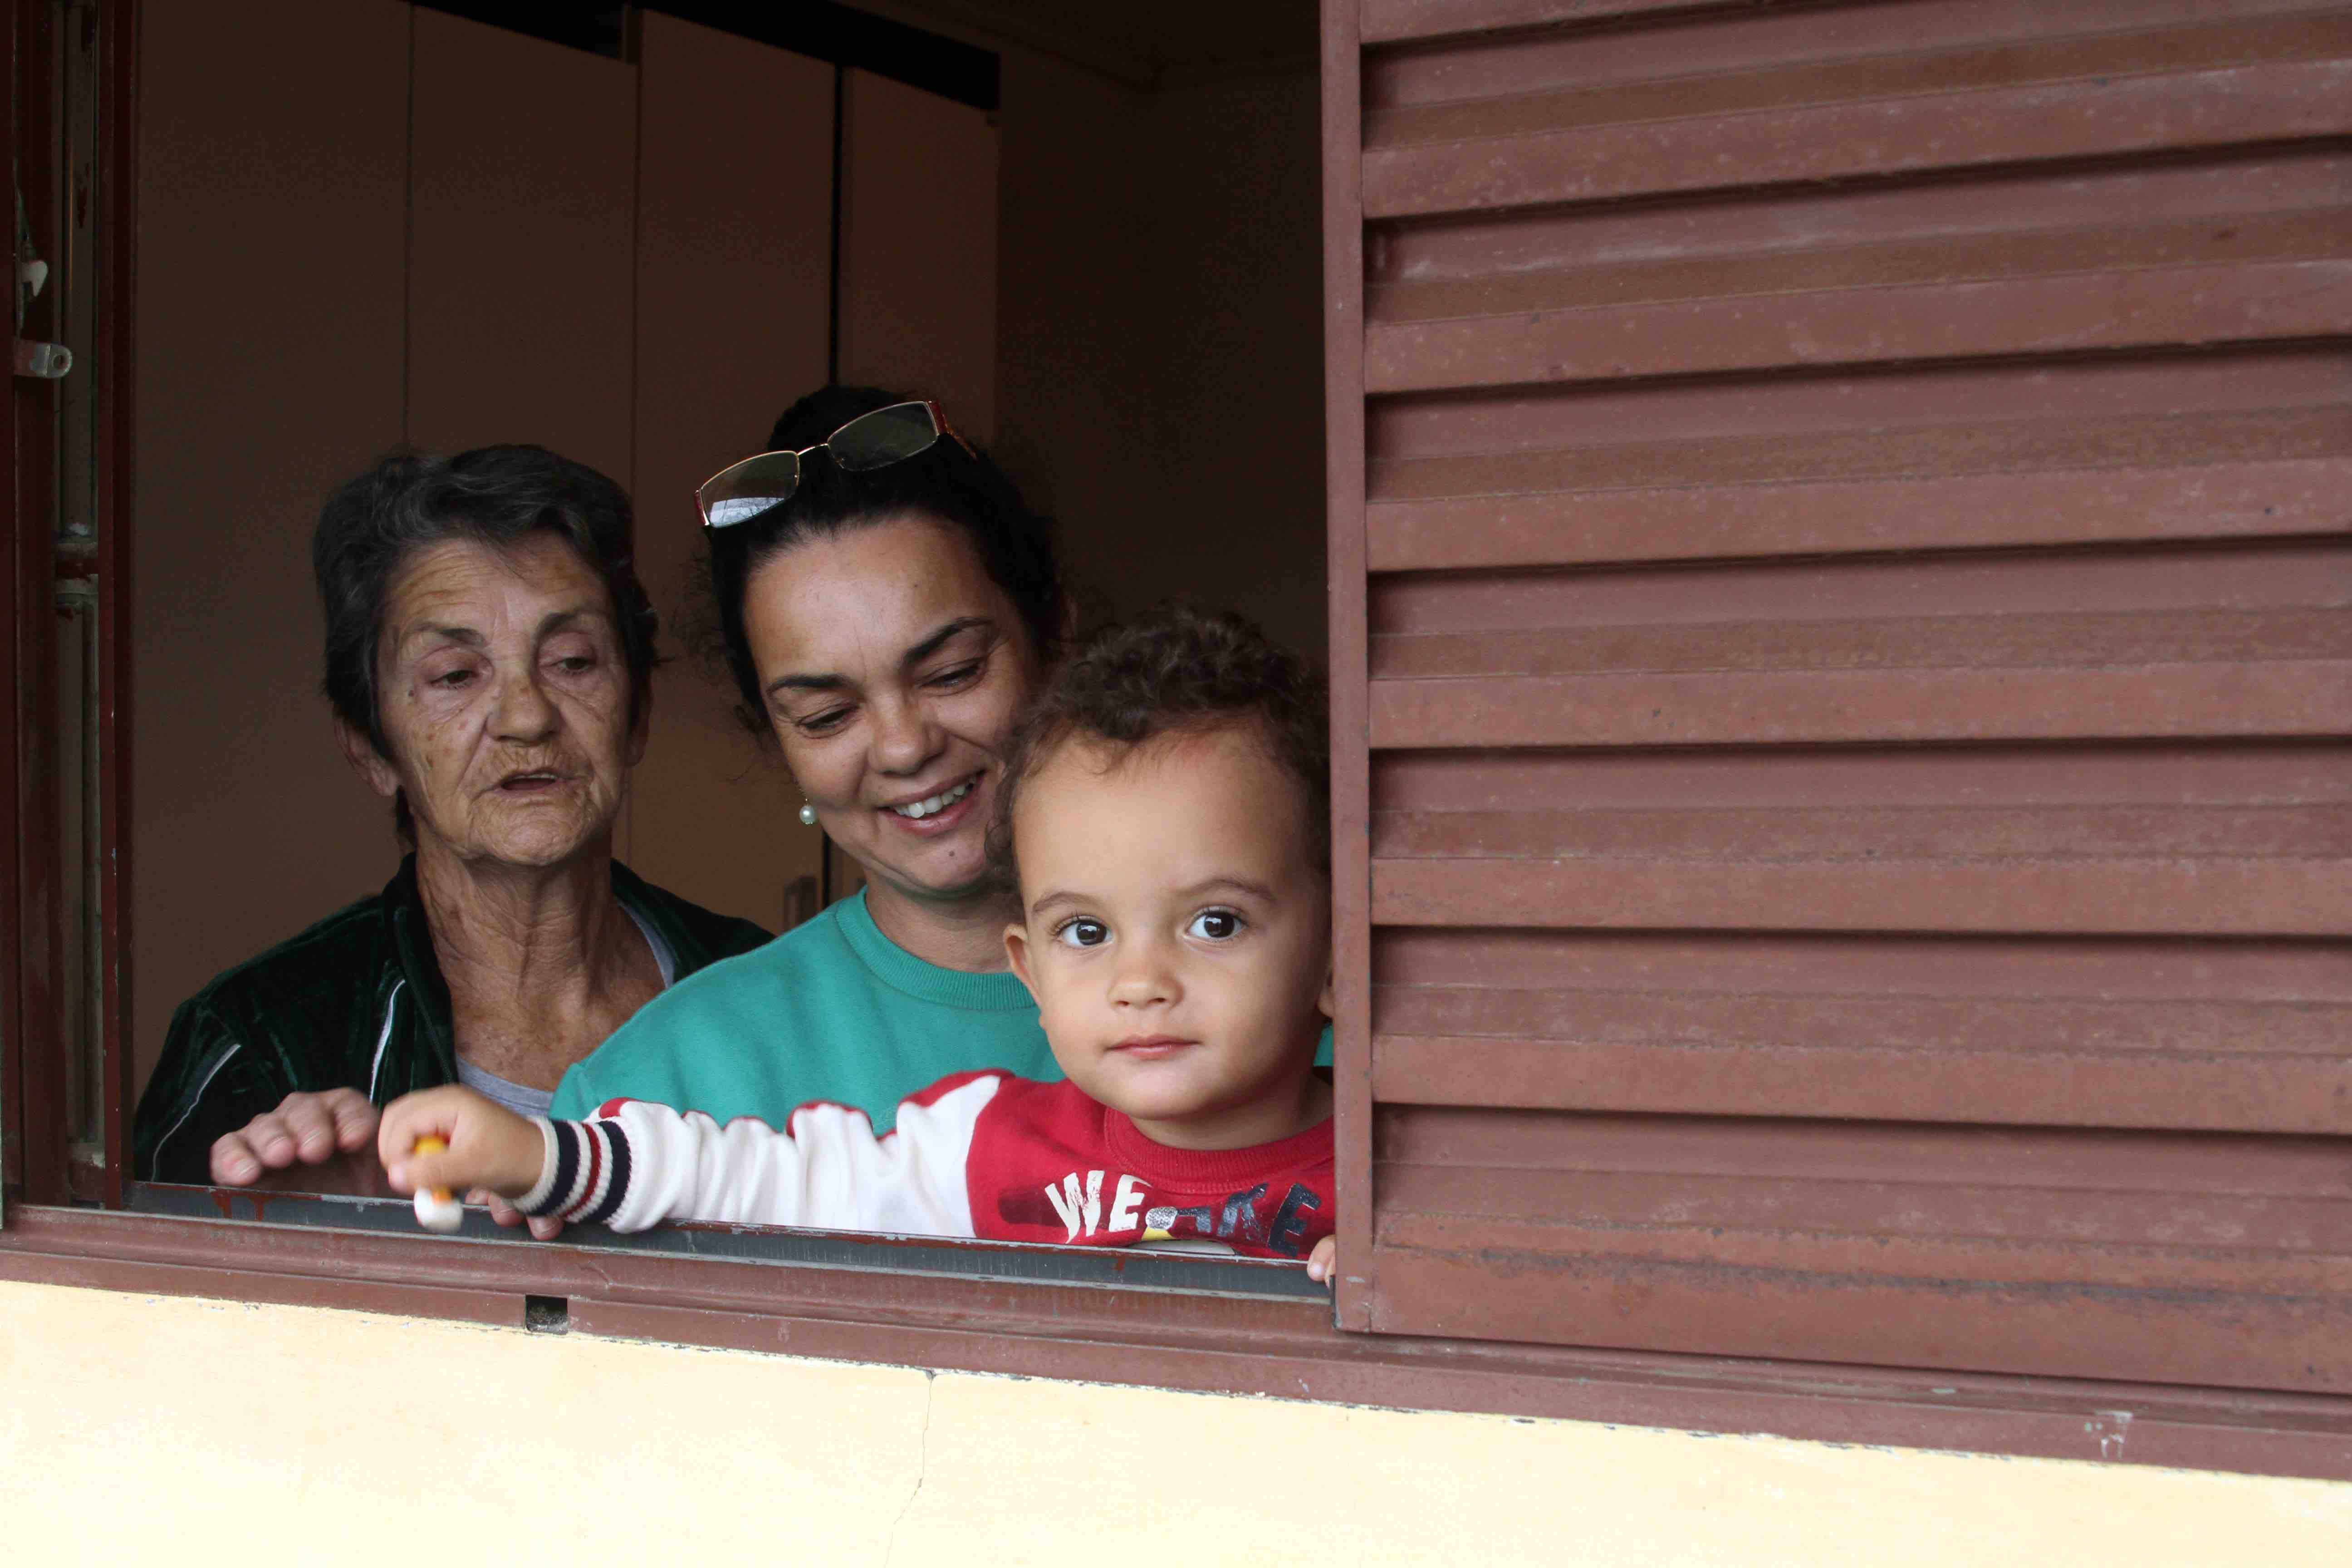 Pinhos son with caretakers 2 copy 1520459938 O alto preço do encarceramento feminino